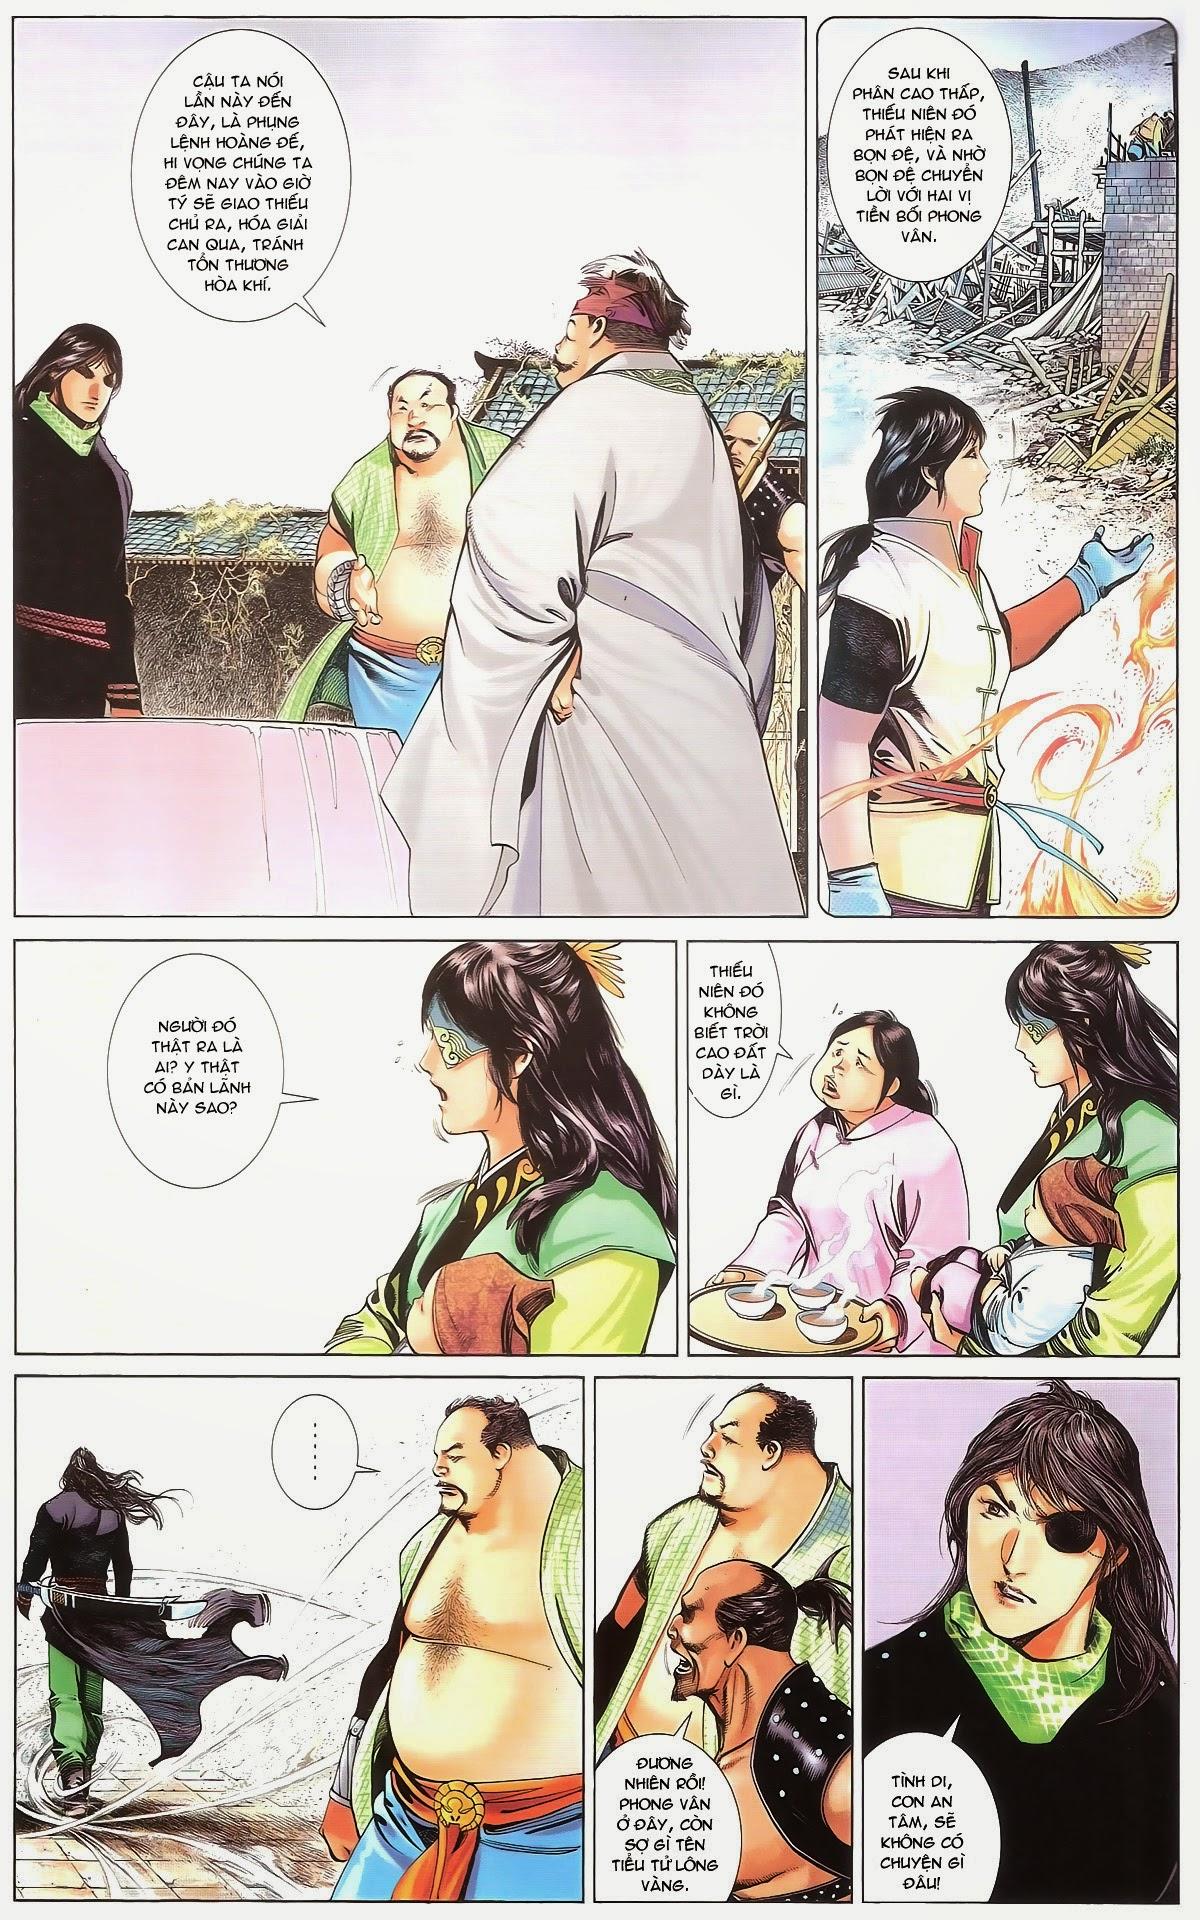 Phong Vân chap 674 – End Trang 14 - Mangak.info